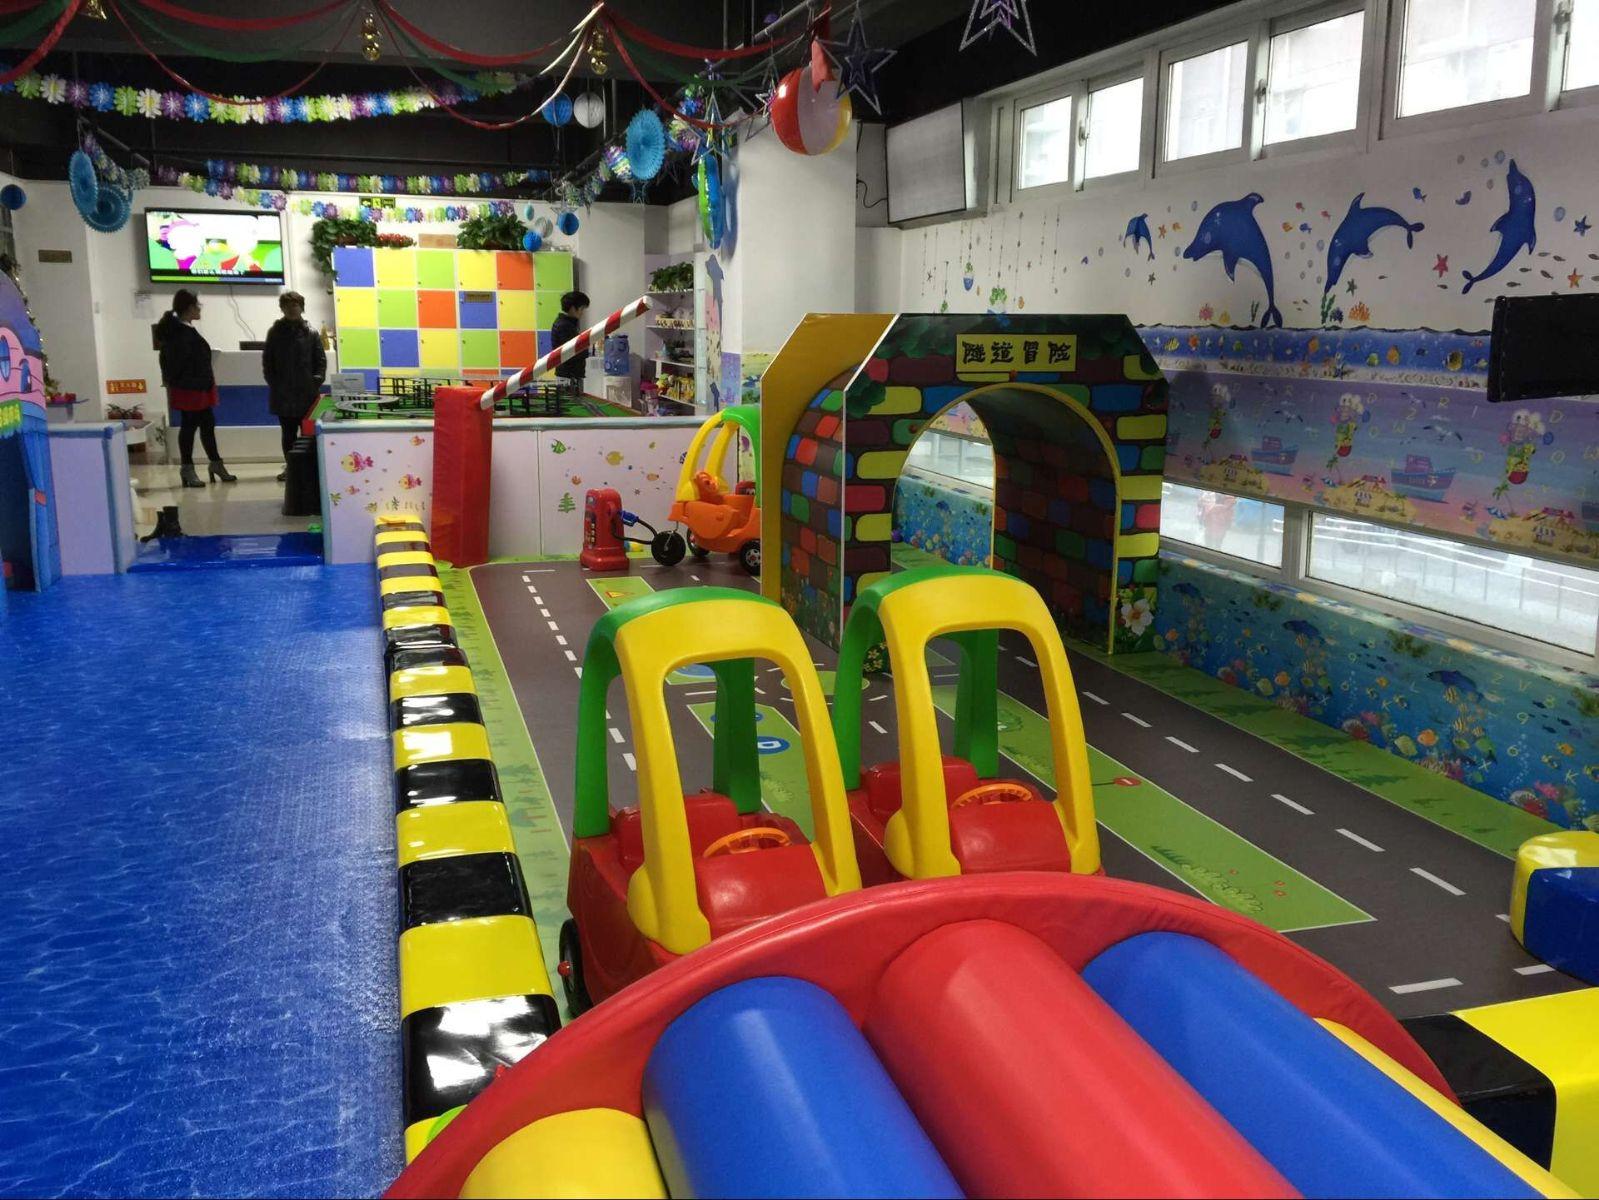 室内儿童游乐园是专门为0~6岁儿童提供成长所需的专业教育服务机构,有别于其他的游乐机构,儿童游乐园必须以儿童的安全为第一位。好玩、好动是孩子的天性,孩子最大的爱好是与同伴一起做各种游戏,而游戏也是孩子在园一日生活的一部分,对于孩子来说,凡是自己做的开心、玩得痛快的游戏他们都很喜欢。给孩子提供足够的活动空间,为孩子创设宽松、自由的心理环境。让孩子在足够的空间游戏时玩得开心!      室内儿童游乐园在下为您推荐开心哈乐很不错的。      一、好的有很多的,主要看公司信誉,背景,实力如何。      二